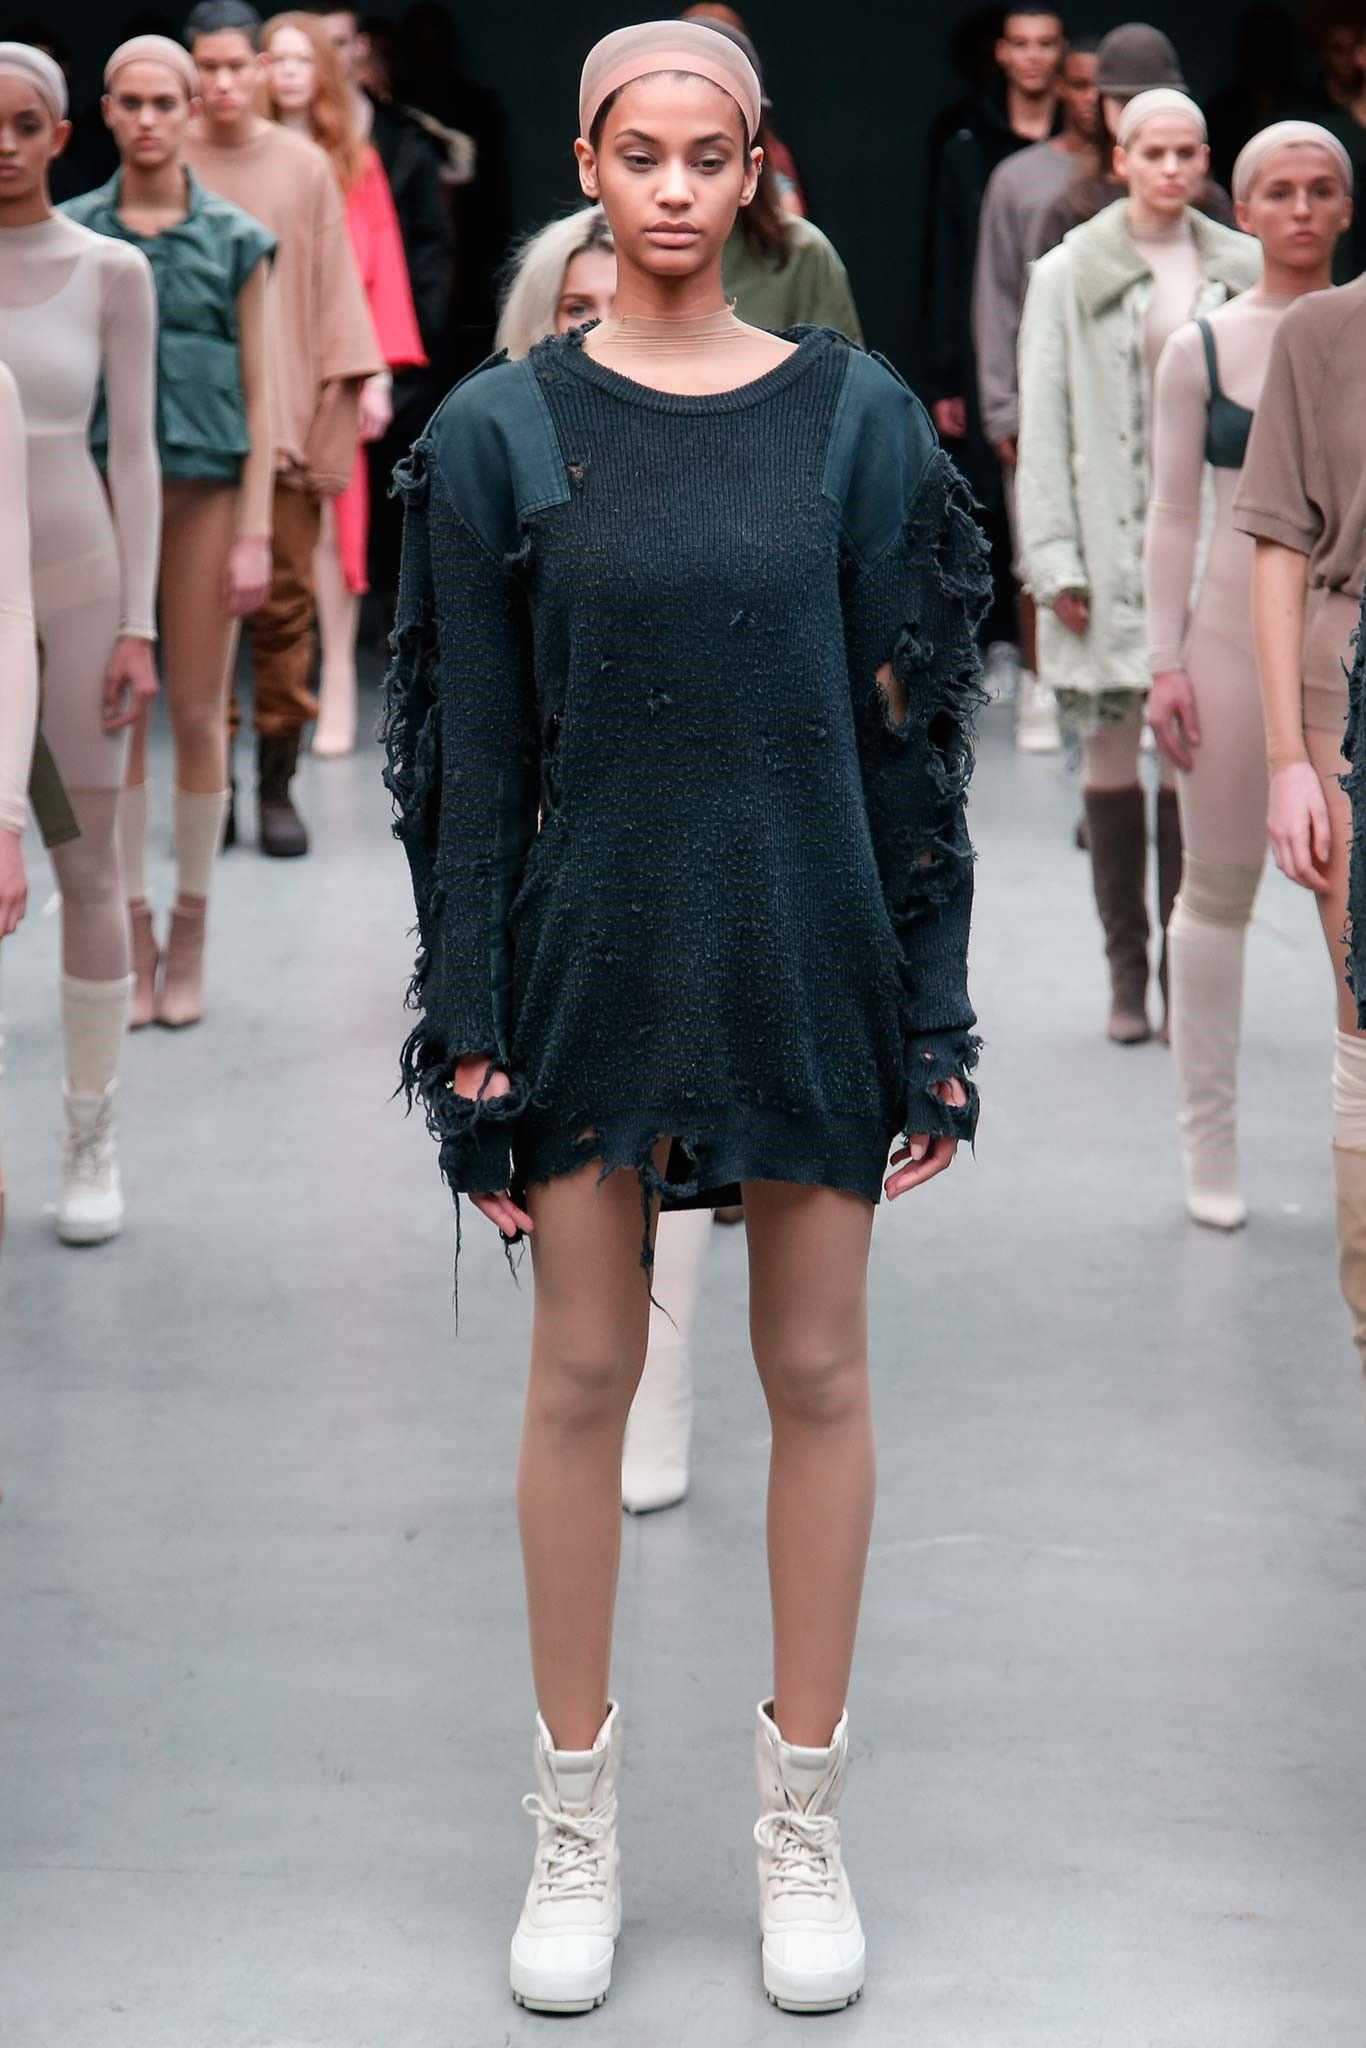 Kanye S Fashion Line Unisex Urban Style Yeezy Fashion Fashion Fashion Week